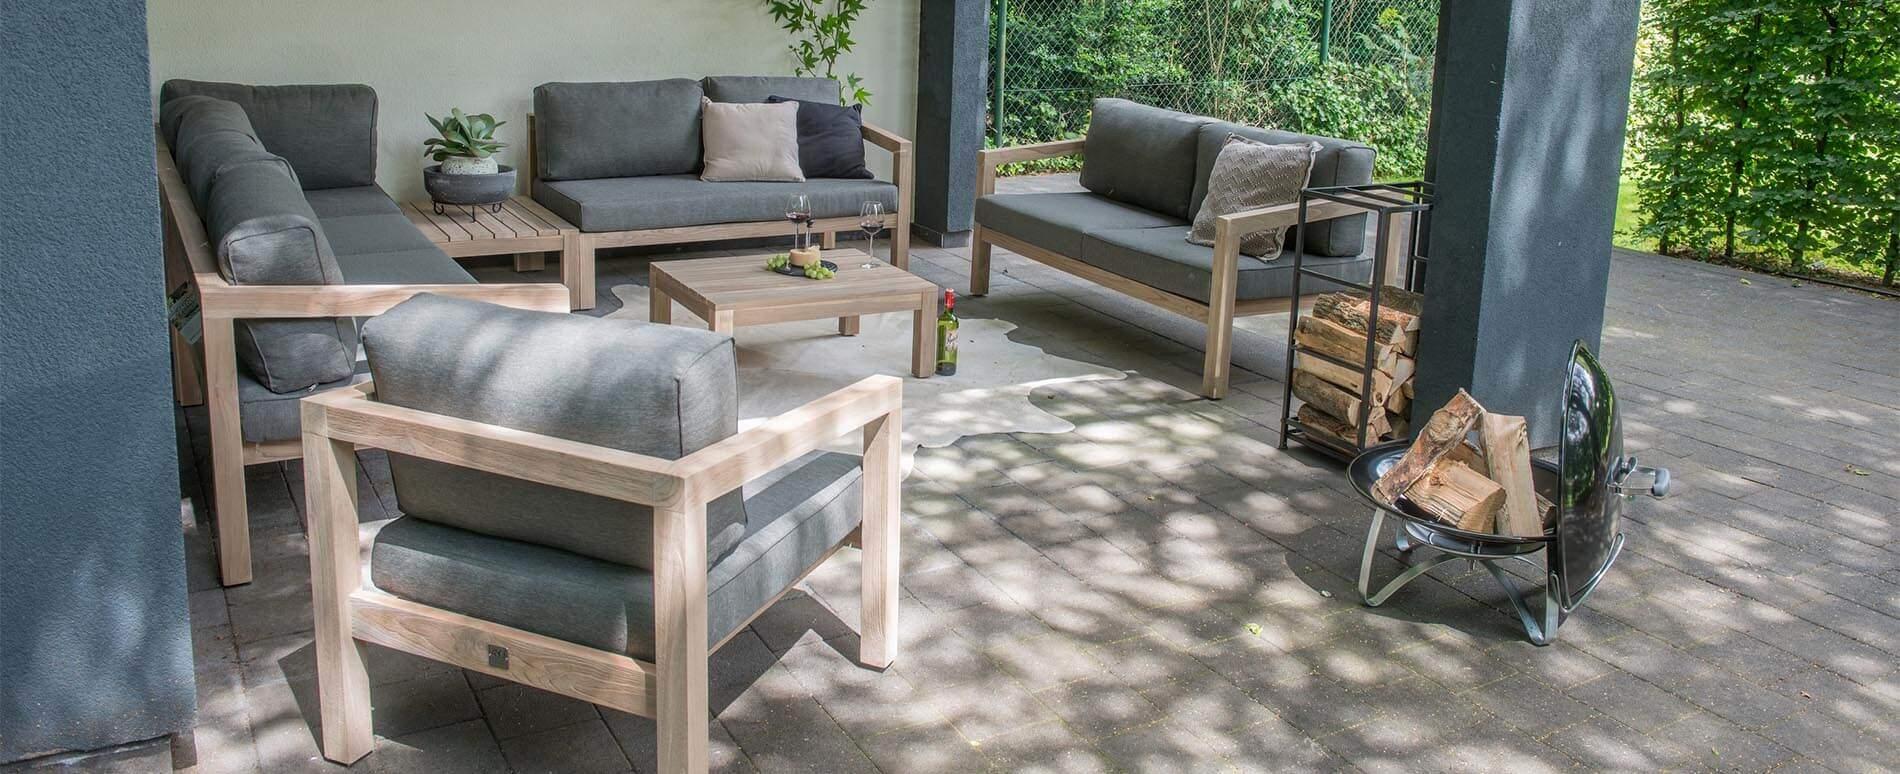 evora teakholz gartenm bel bequeme polster sofa module. Black Bedroom Furniture Sets. Home Design Ideas